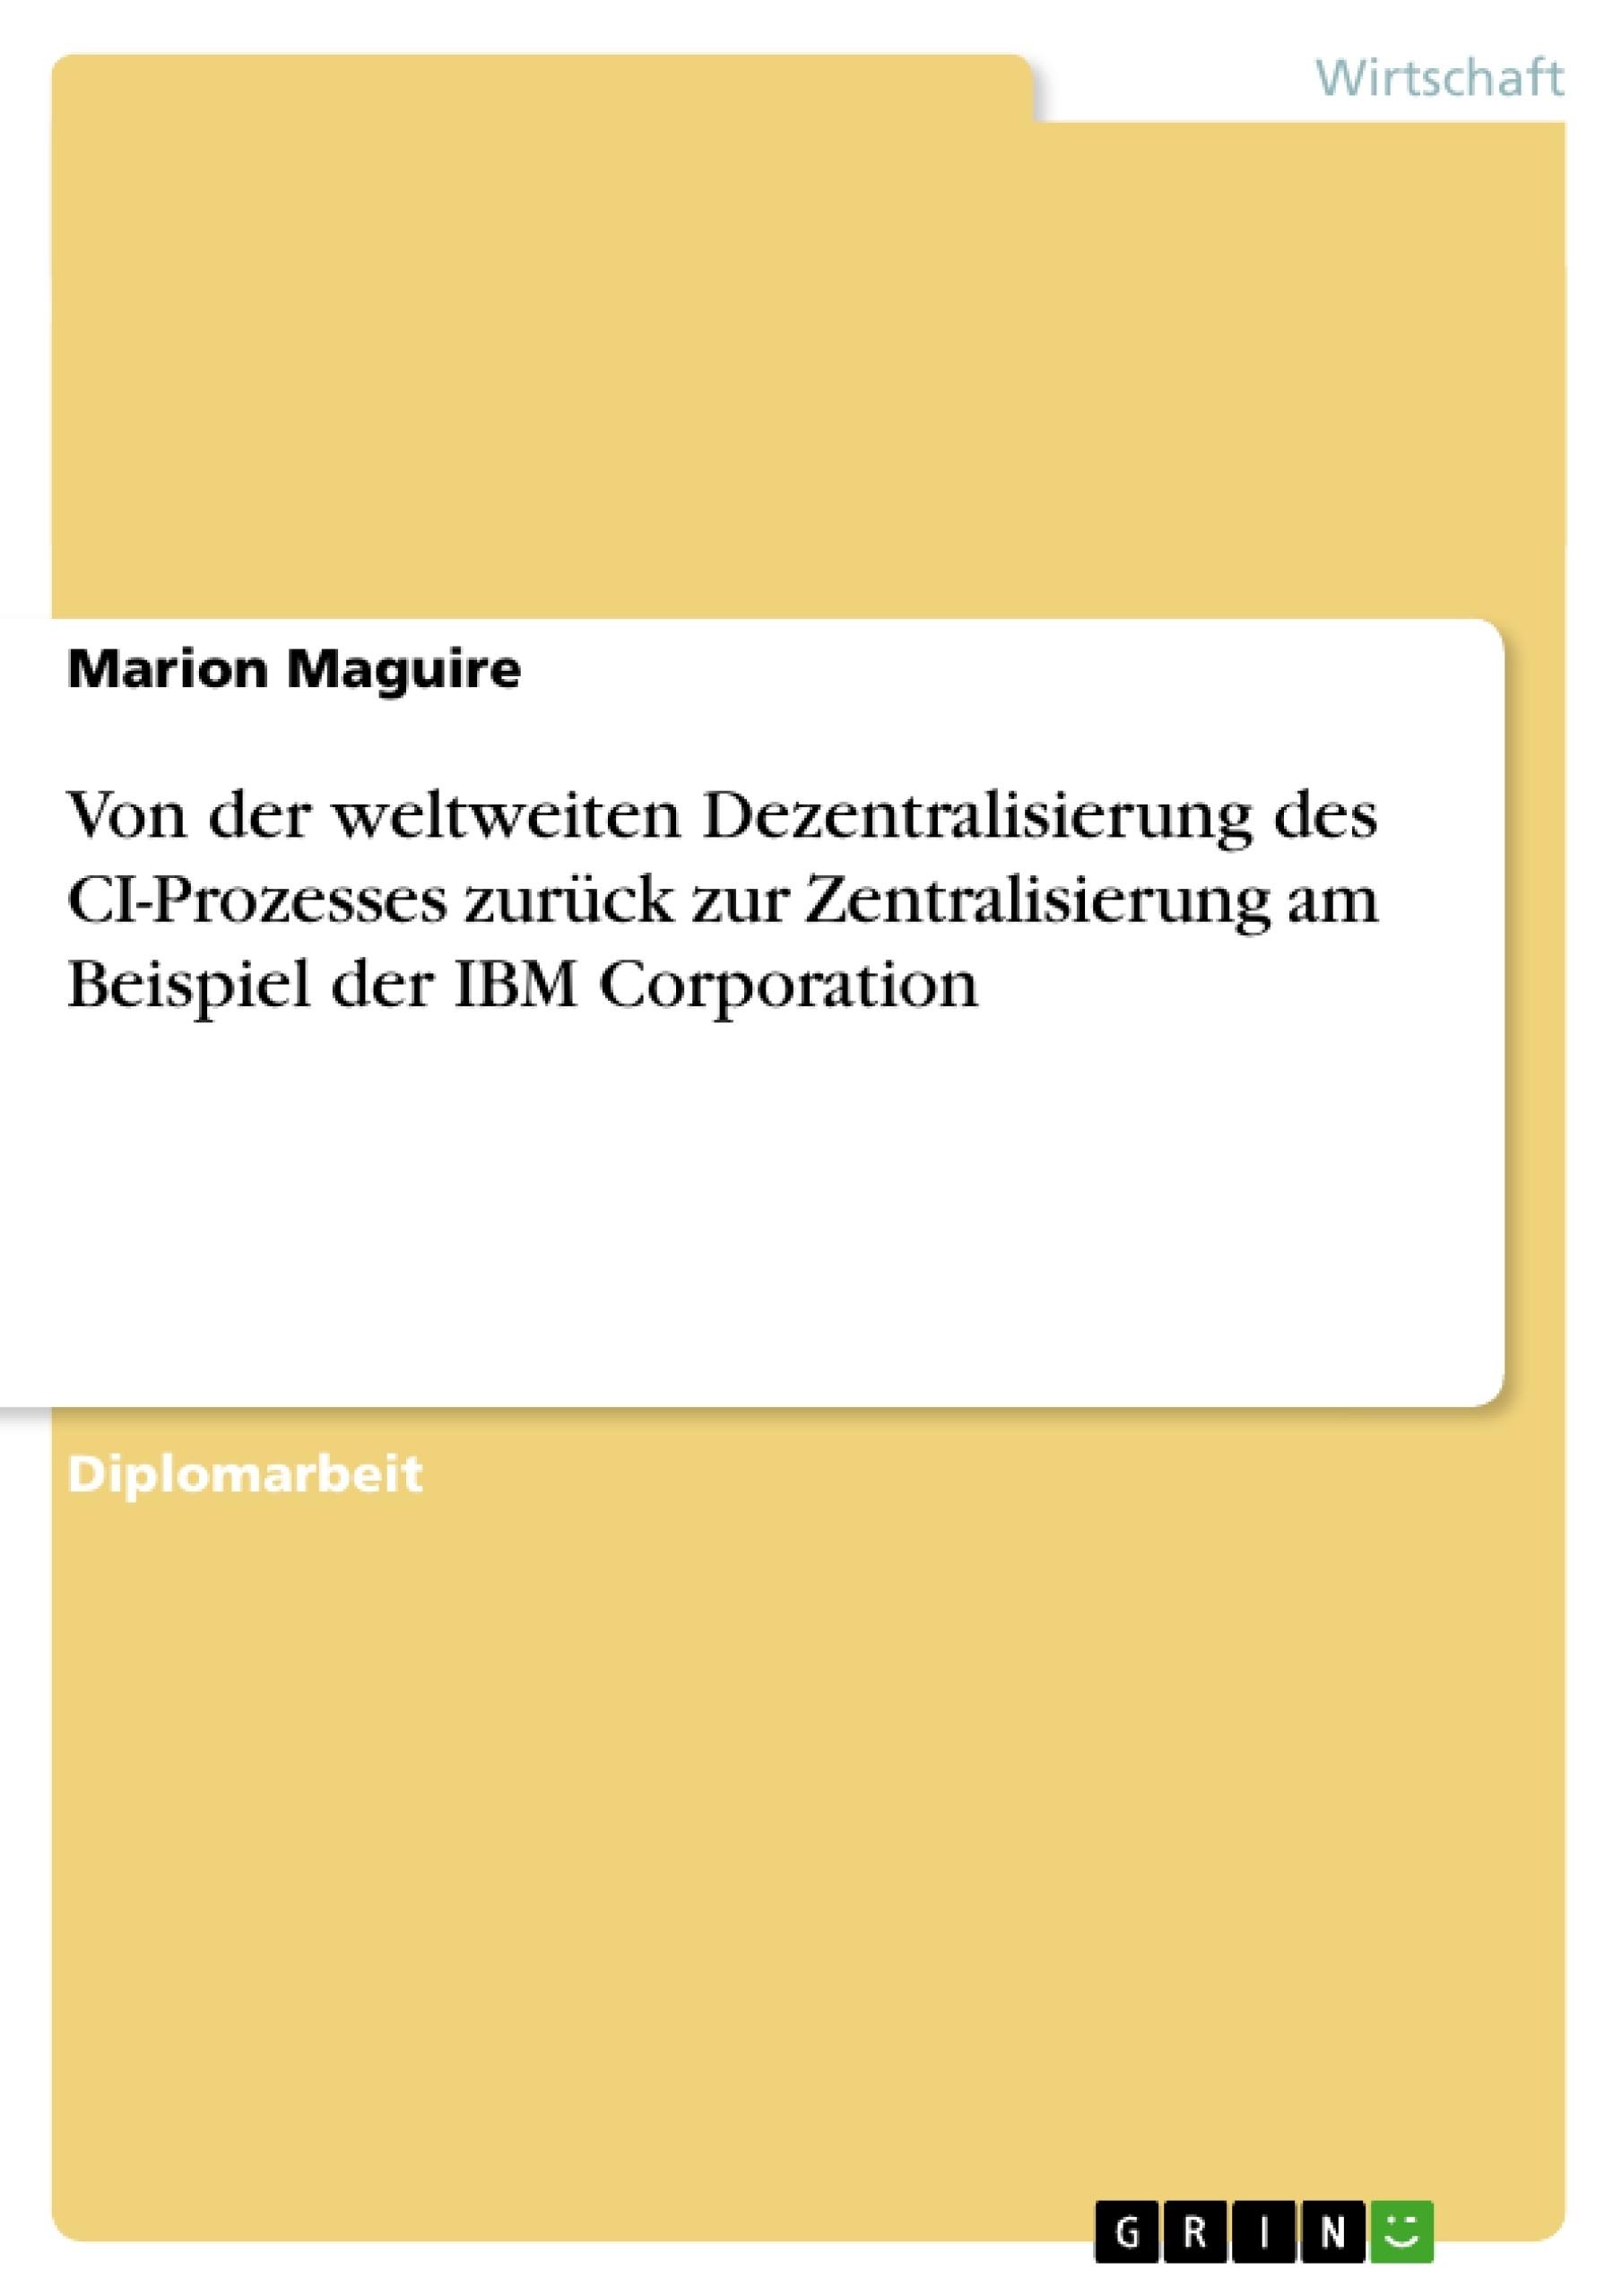 Titel: Von der weltweiten Dezentralisierung des CI-Prozesses zurück zur Zentralisierung am Beispiel der IBM Corporation